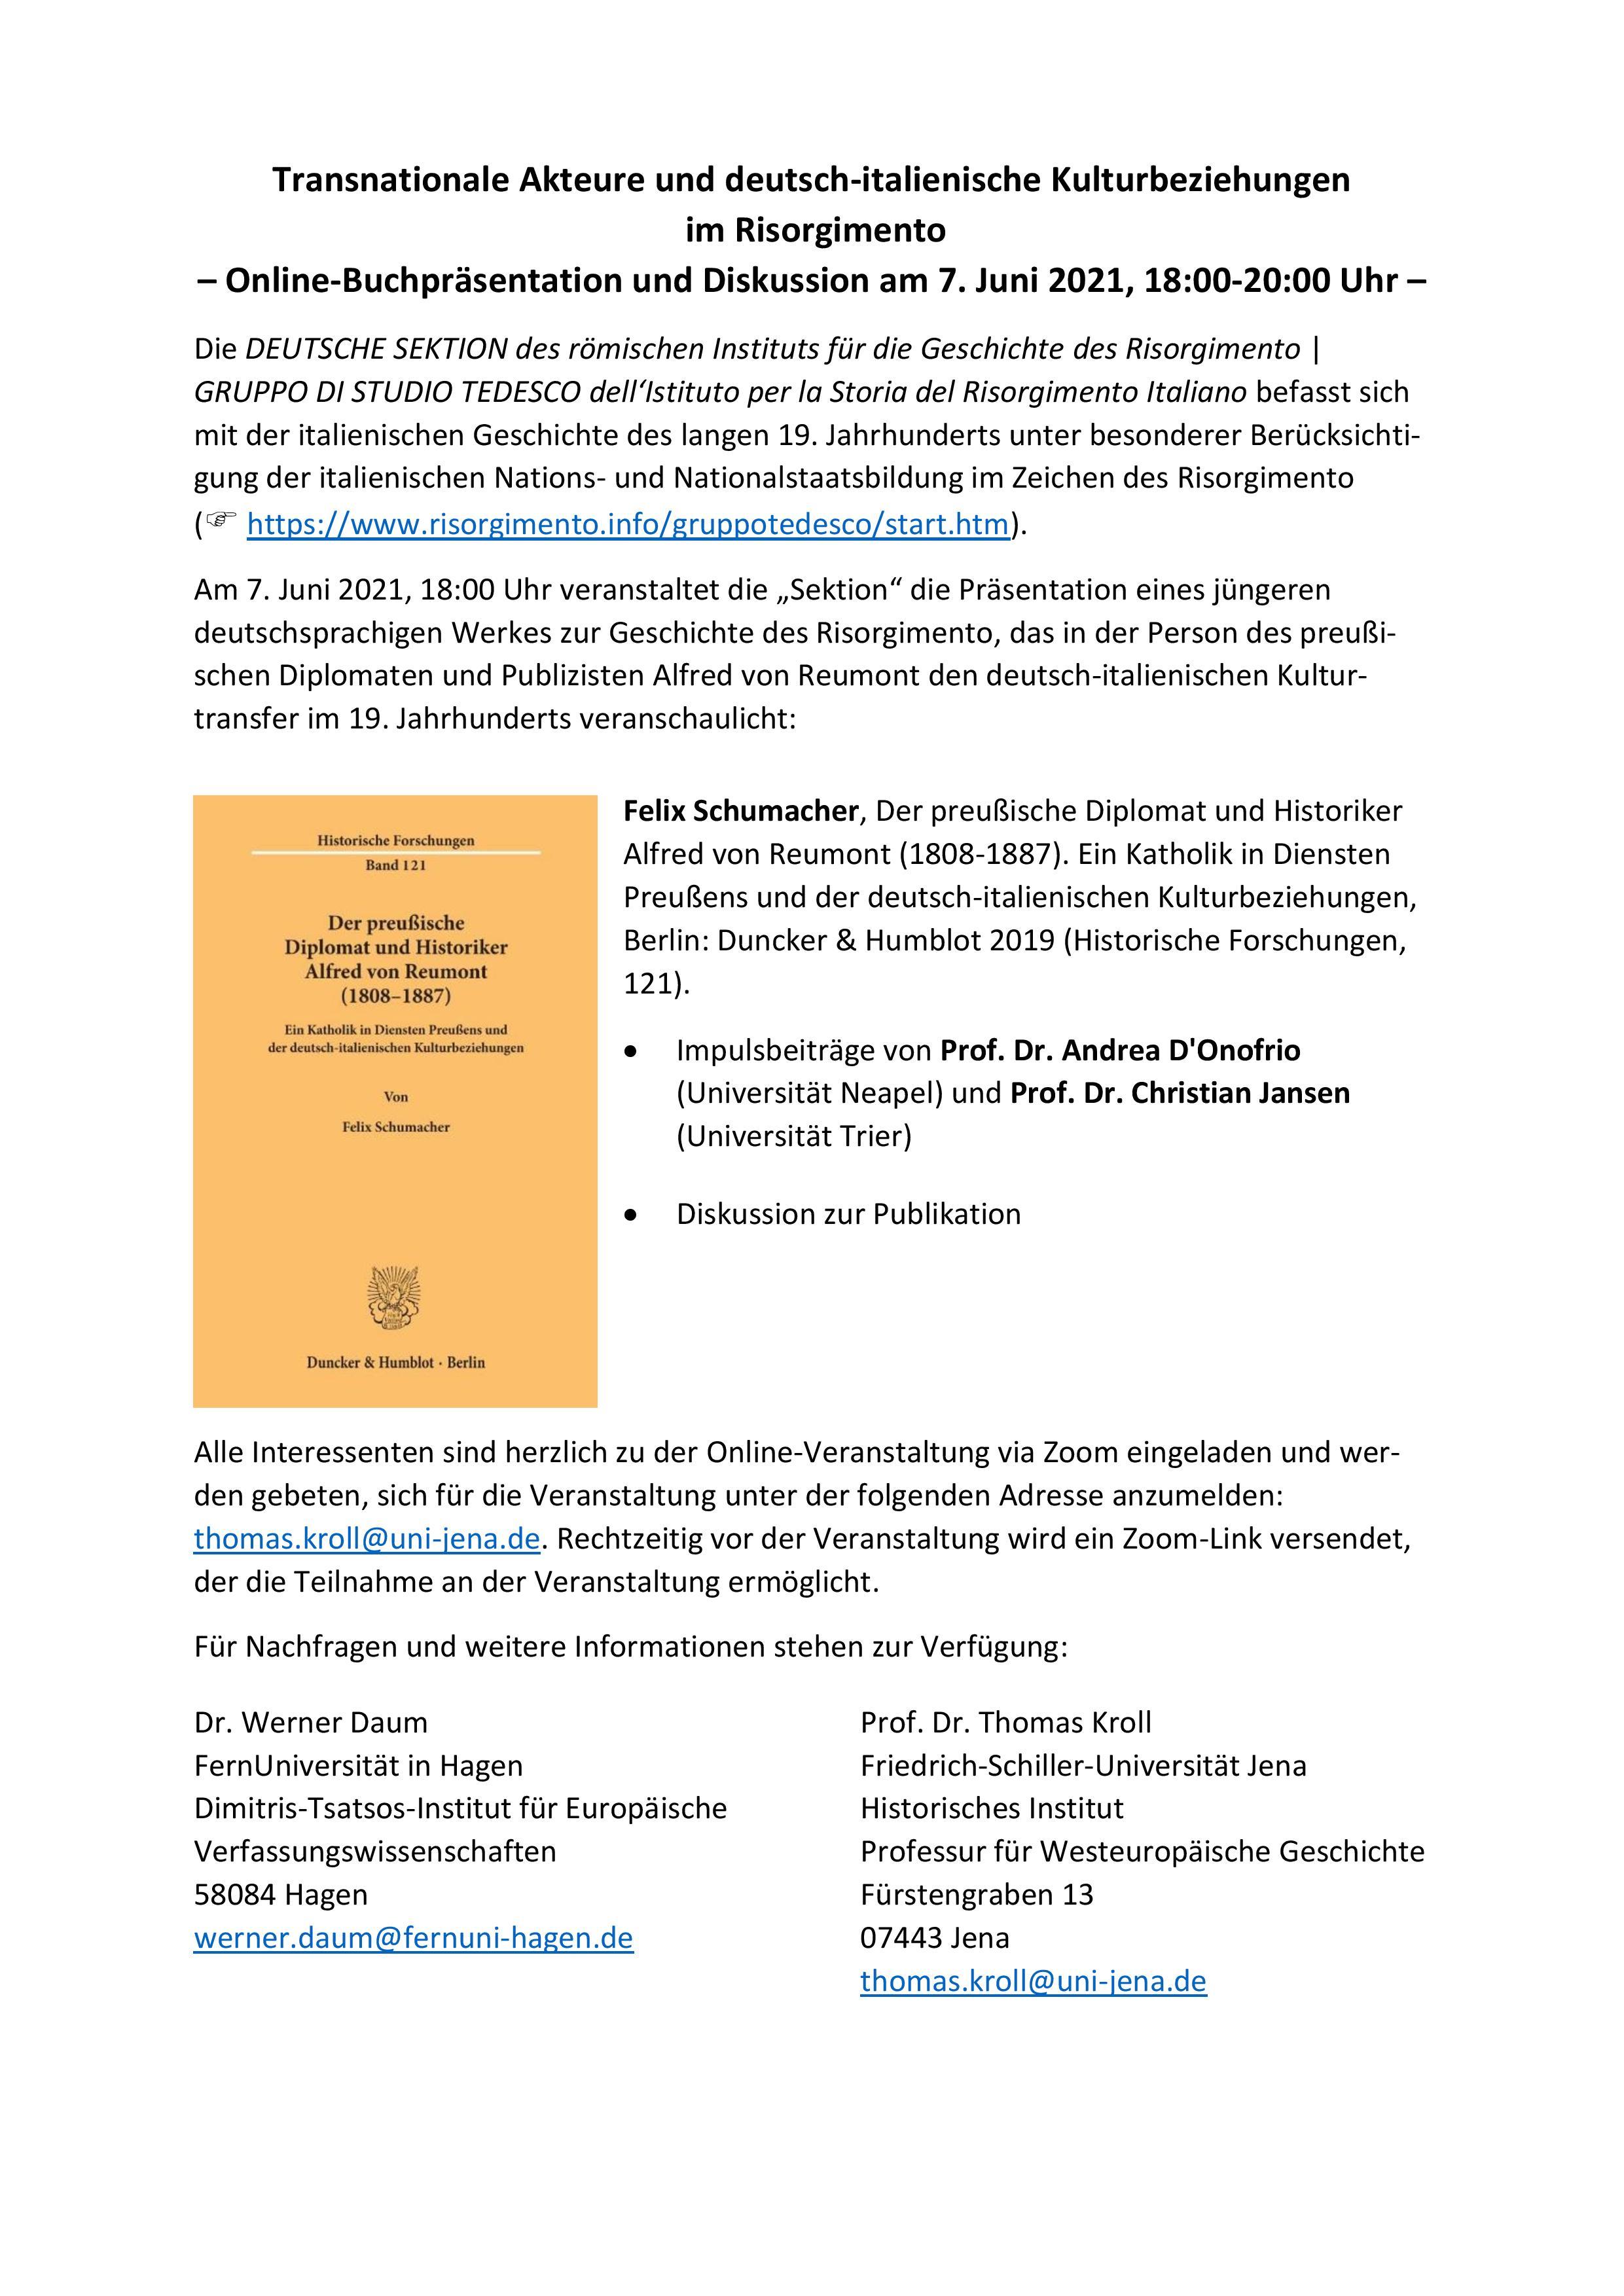 Einladung Buchpräsentation_7. Juni 2021-page-001